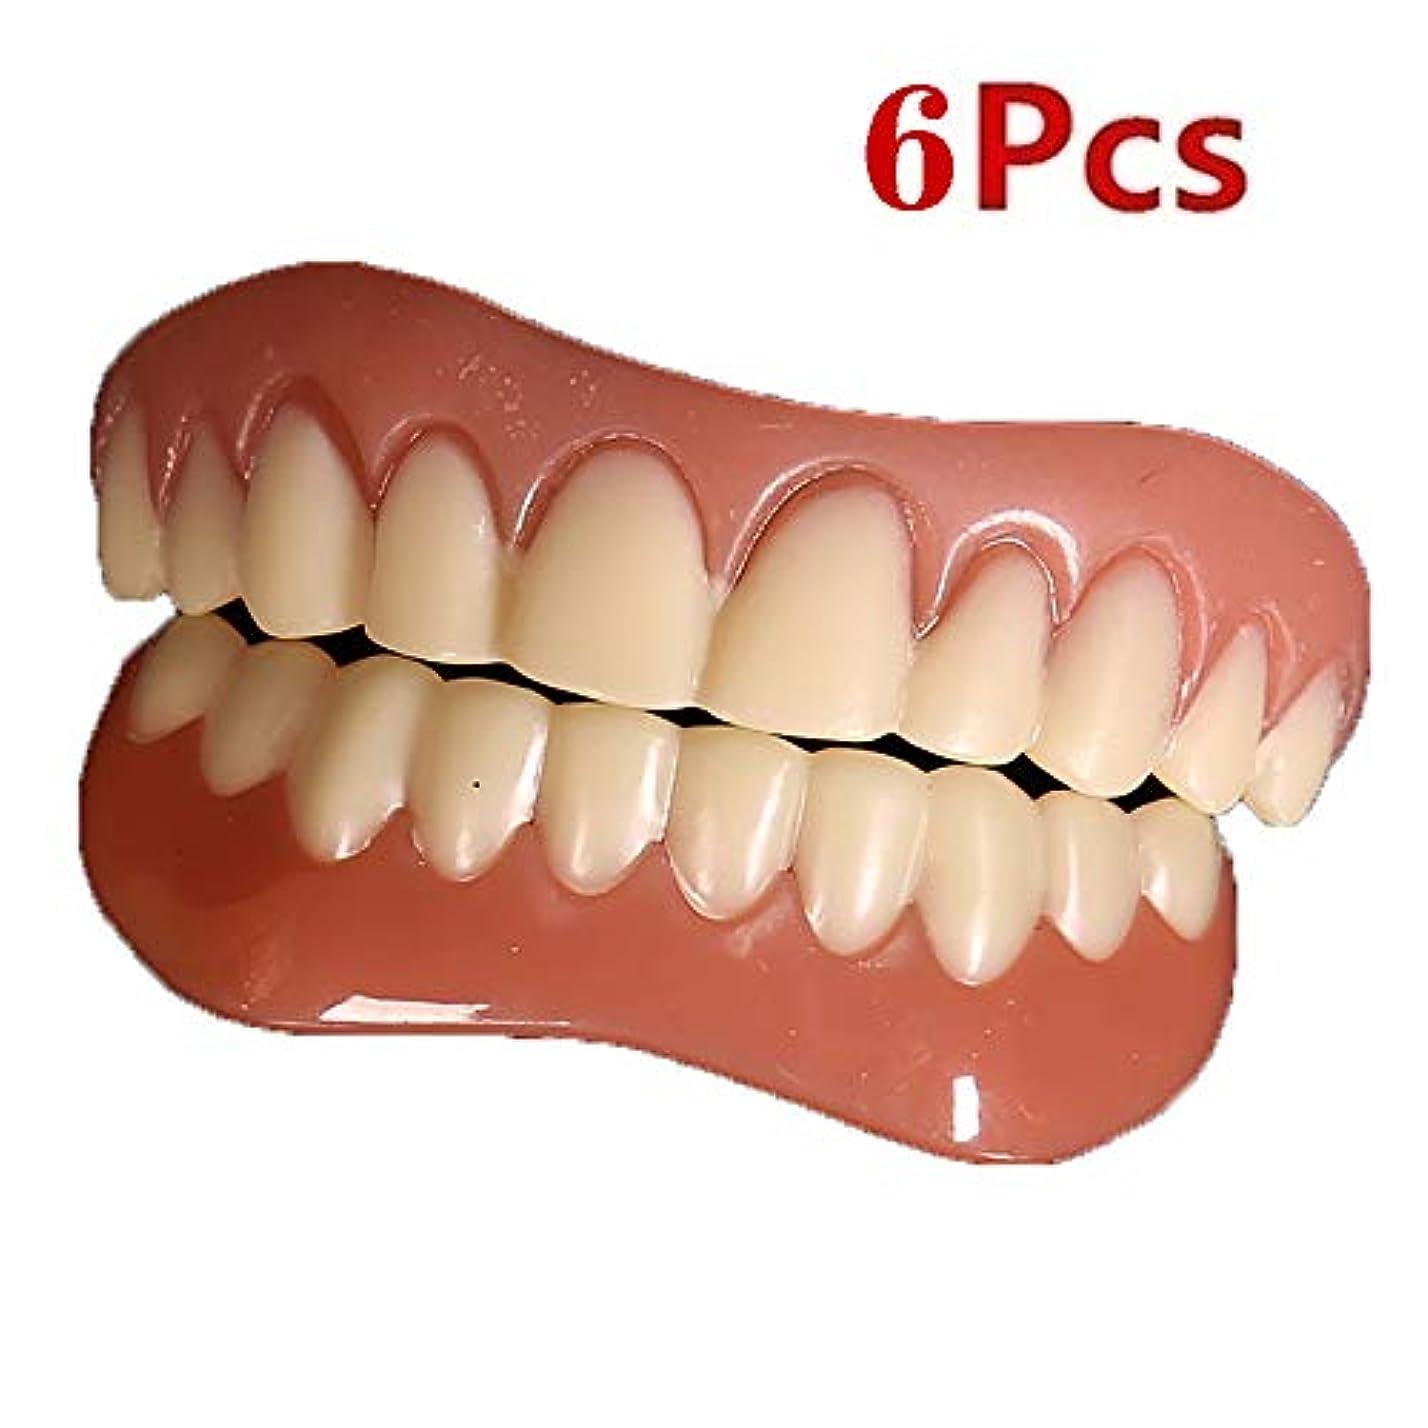 遠い早くストレスの多い即時の微笑の歯の上部のより低いベニヤの慰めの適合の歯のベニヤ、歯科ベニヤの慰めの適合の歯の上の化粧品のベニヤワンサイズはすべての義歯の接着剤の歯に入れます